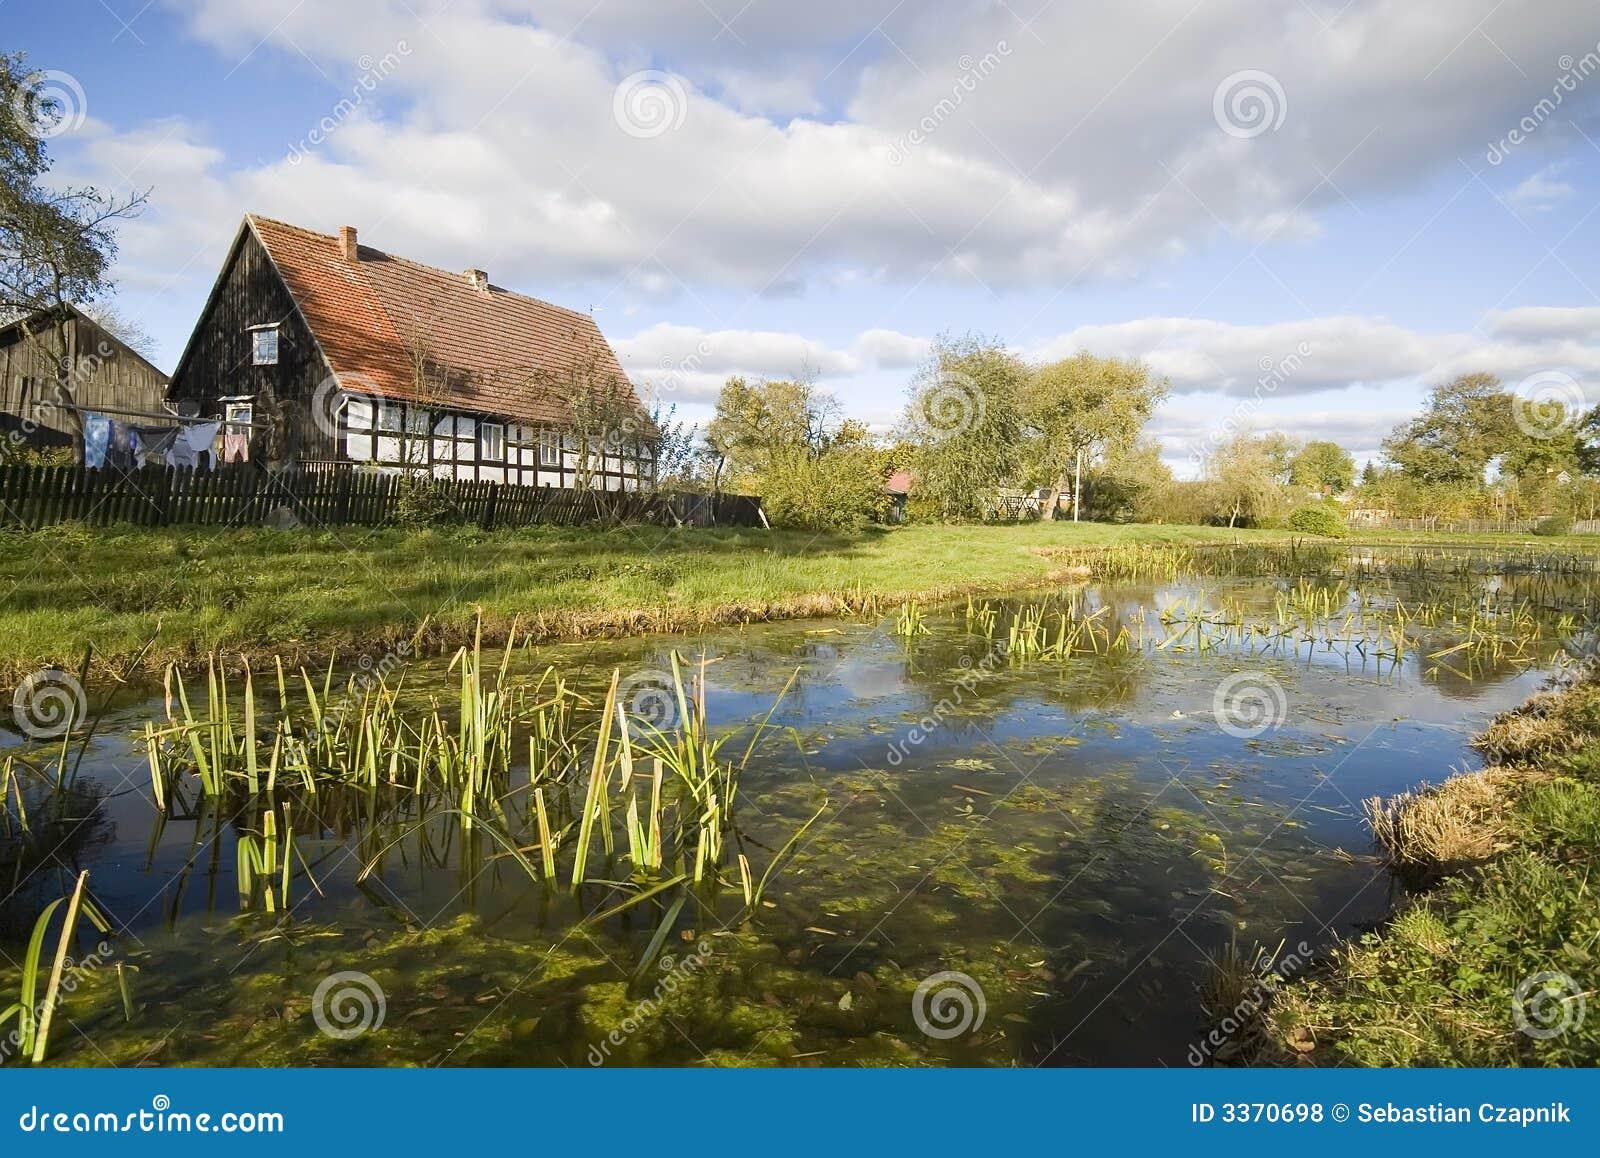 Dorf szenisch, Polen.